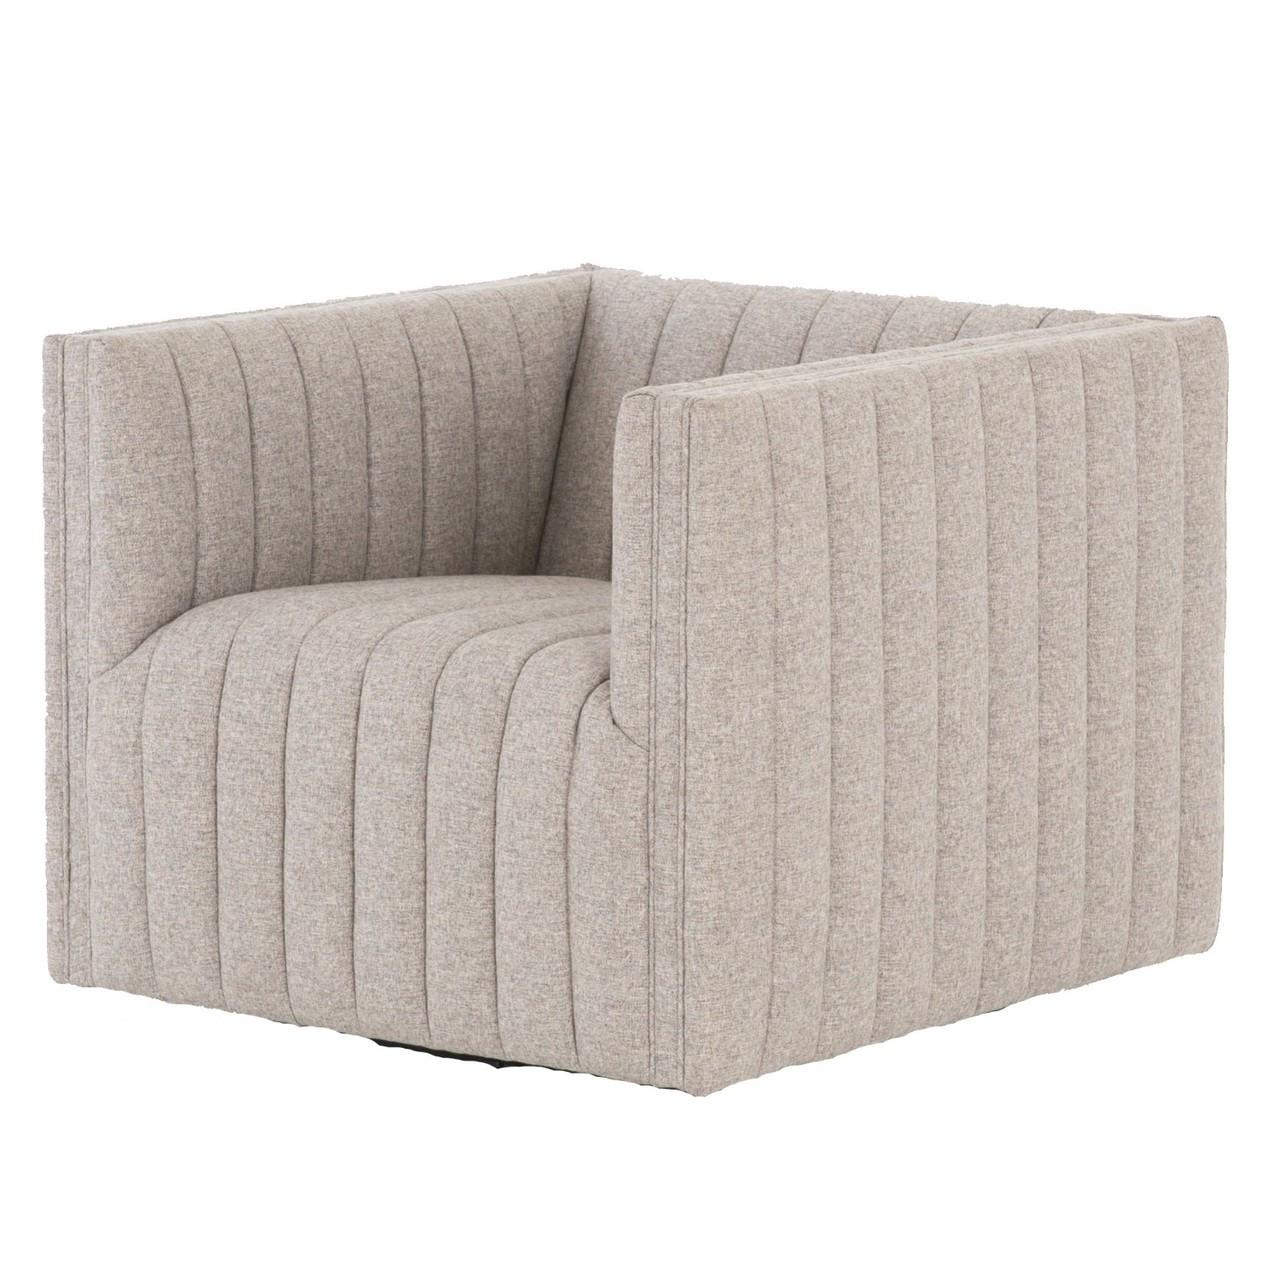 Astonishing Augustine Grey Channel Tufted Swivel Chair Short Links Chair Design For Home Short Linksinfo